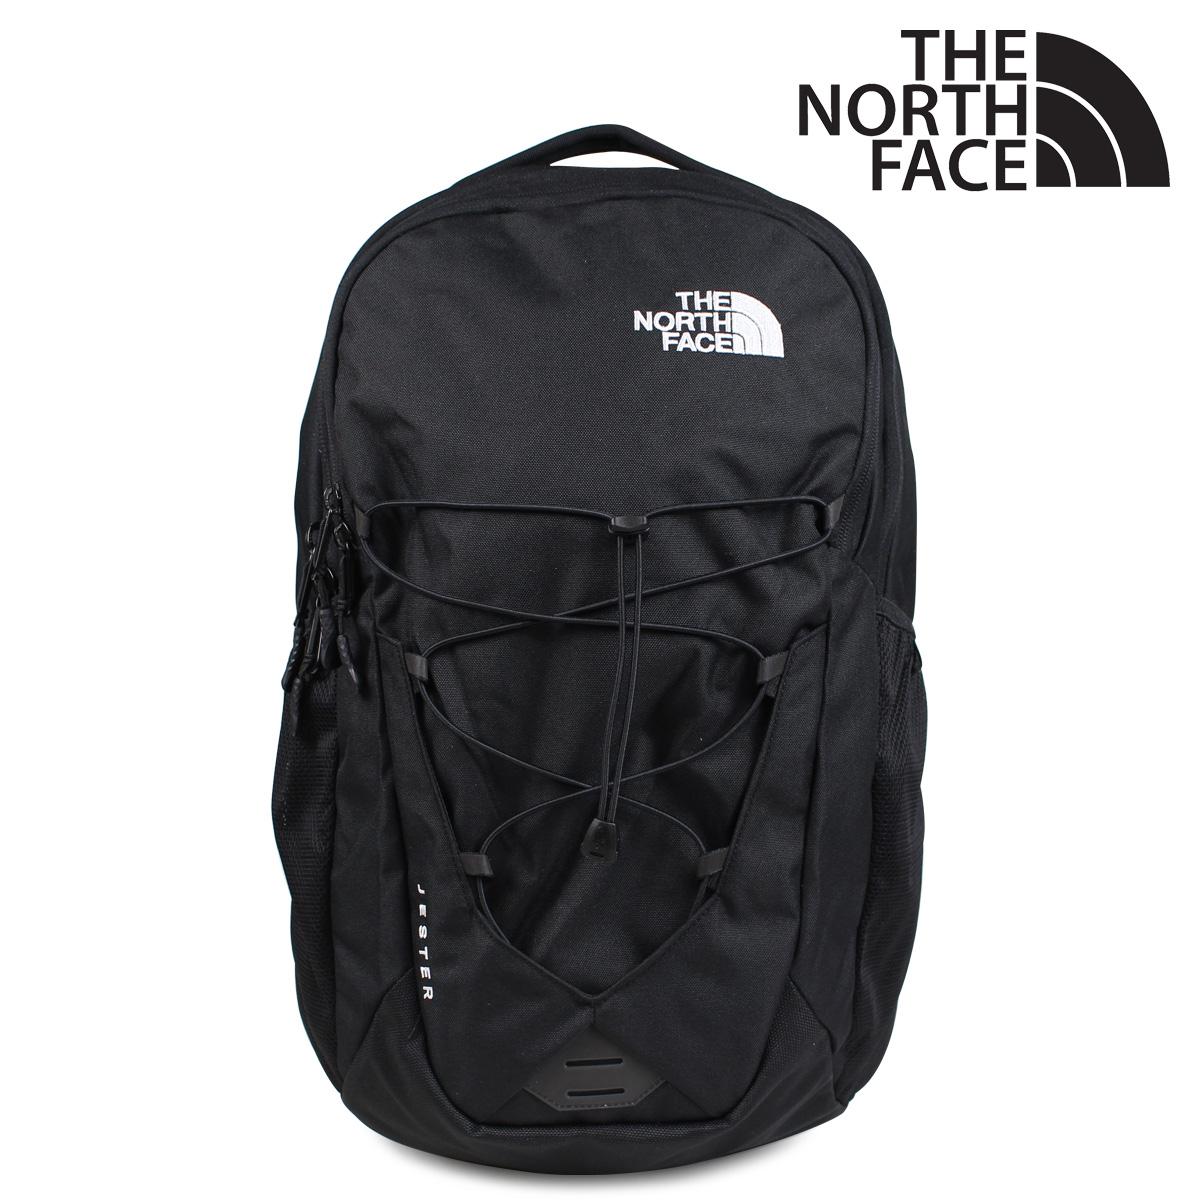 THE NORTH FACE ノースフェイス リュック メンズ バックパック JESTER T93KV7JK3 ブラック [9/19 新入荷]